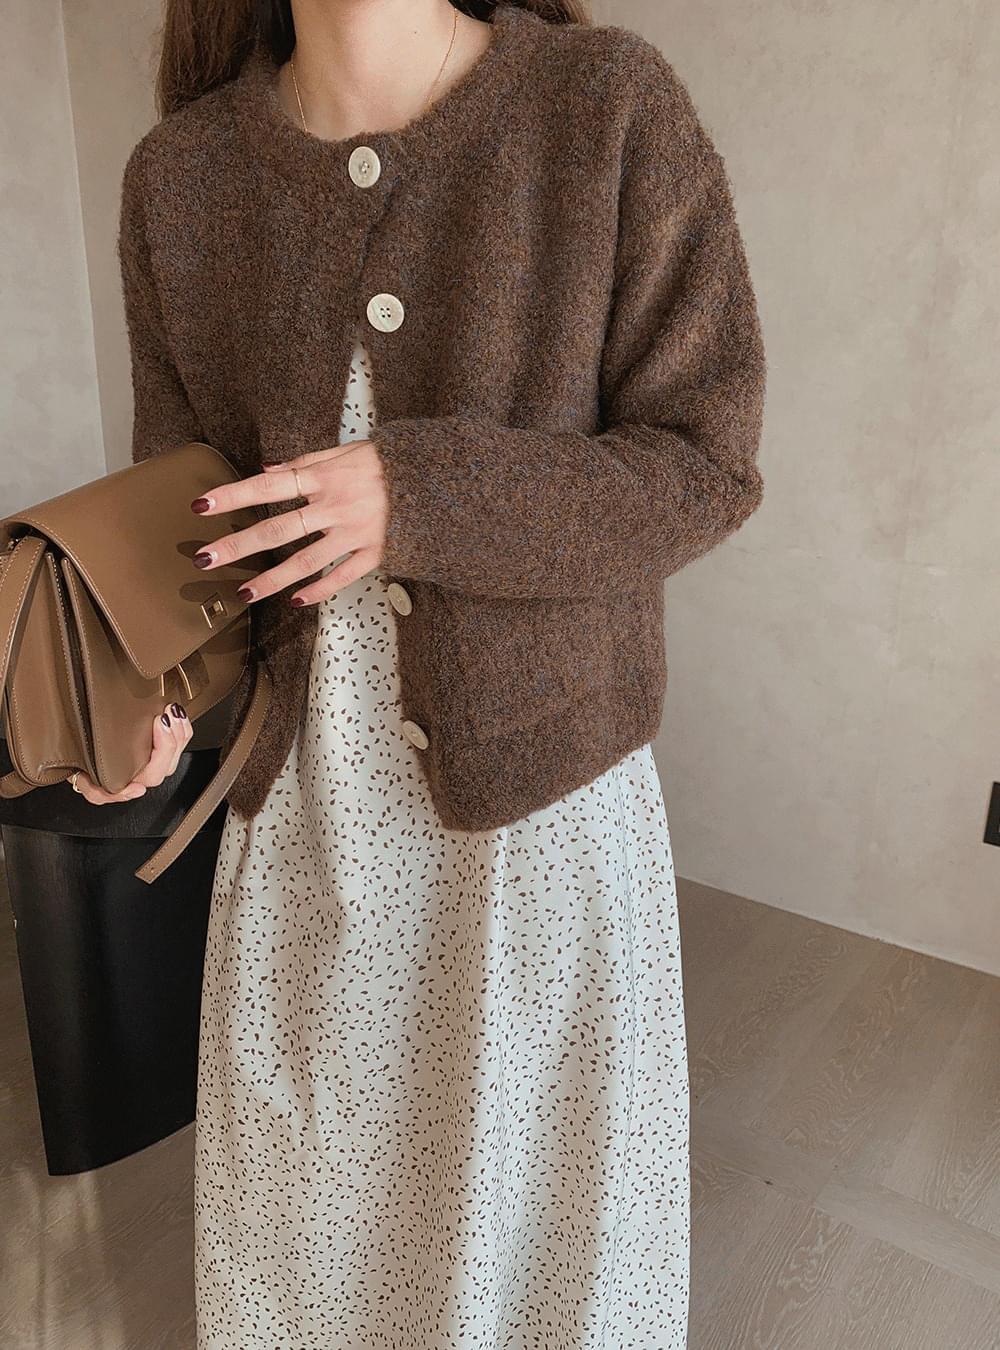 Jeju color book wool cardigan Cardigan/Vest